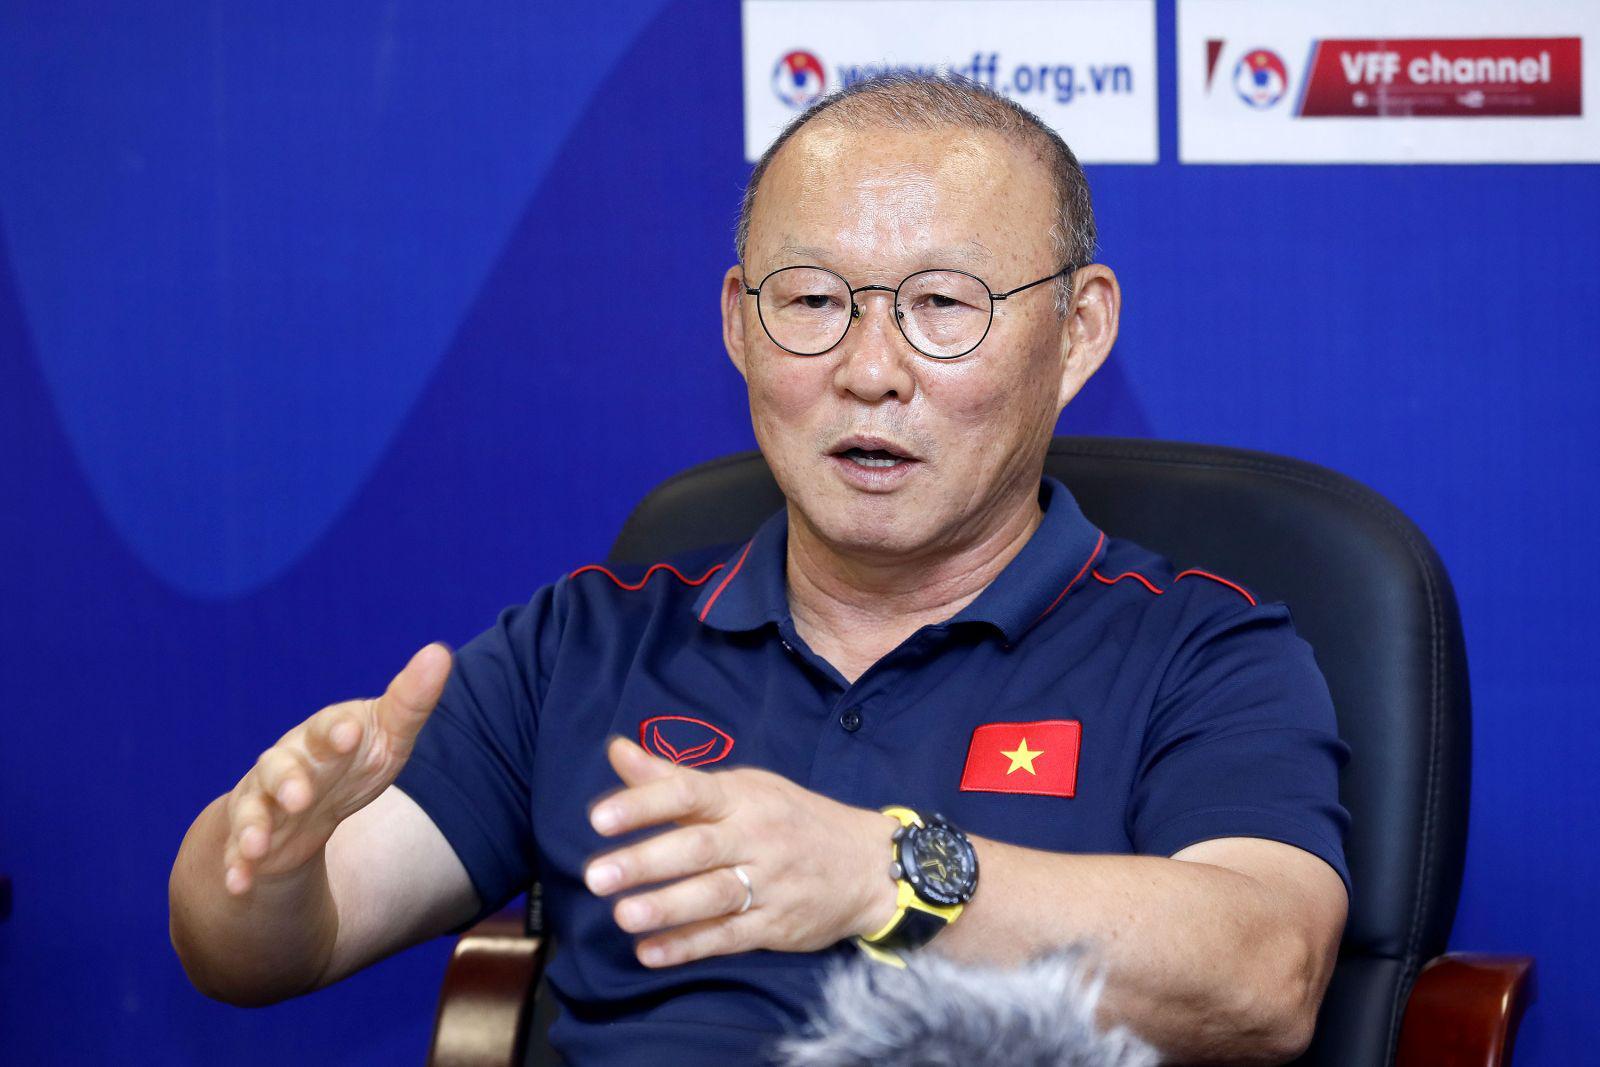 Vì sao HLV Park Hang-seo không hội quân cùng ĐT Việt Nam ngày 5/8?